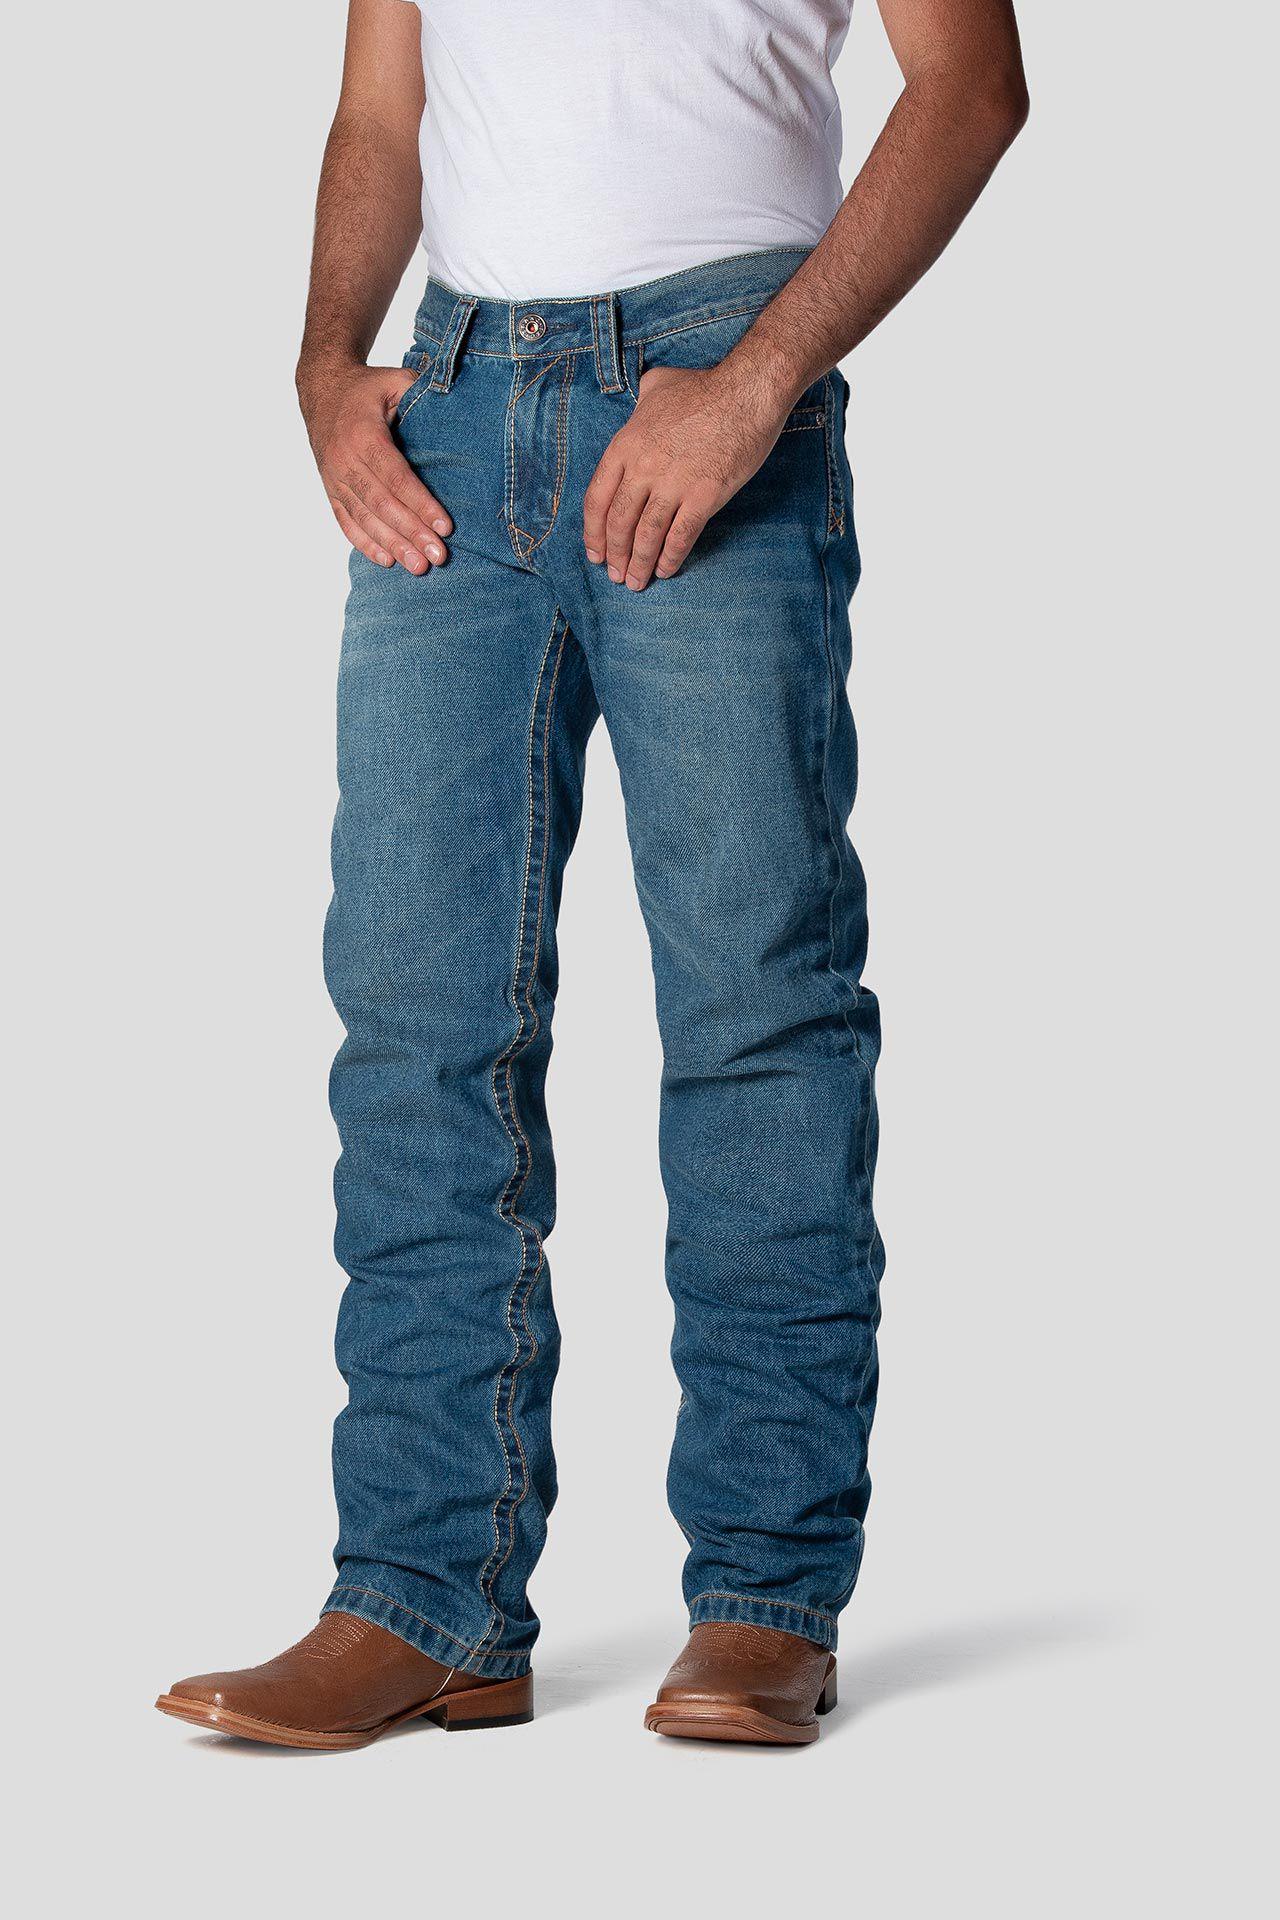 Calça Jeans TXC Masculina X3 LIGHT